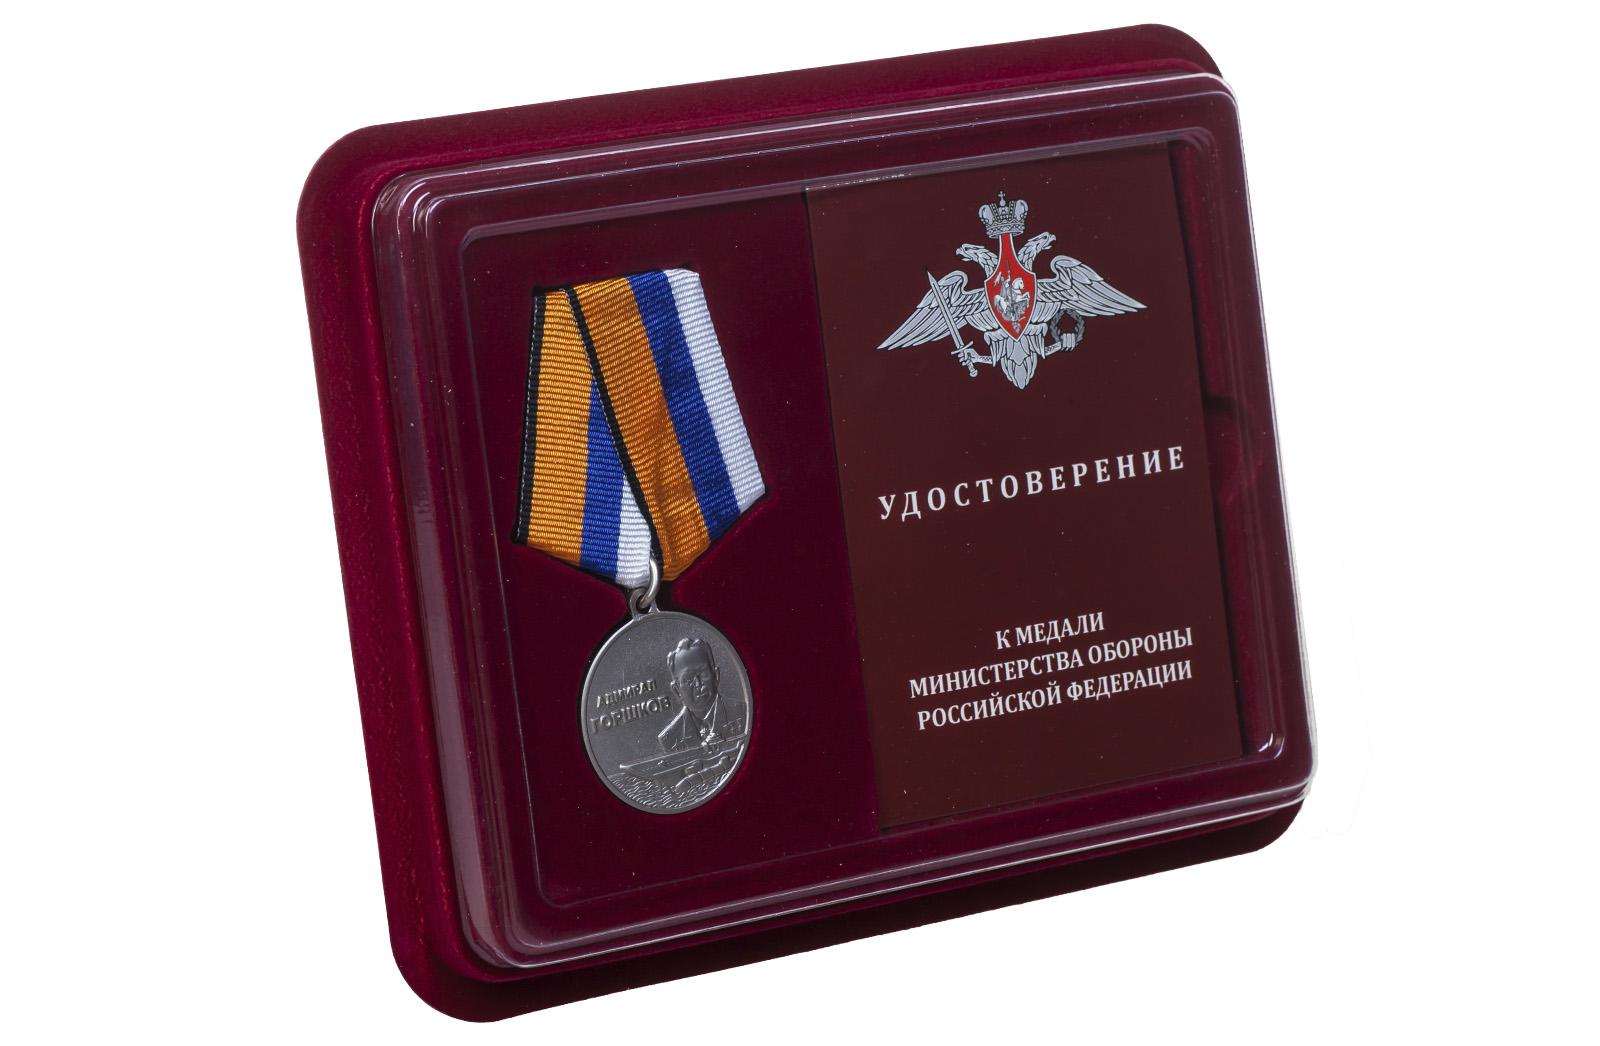 Купить медаль МО РФ Адмирал Горшков в подарок моряку